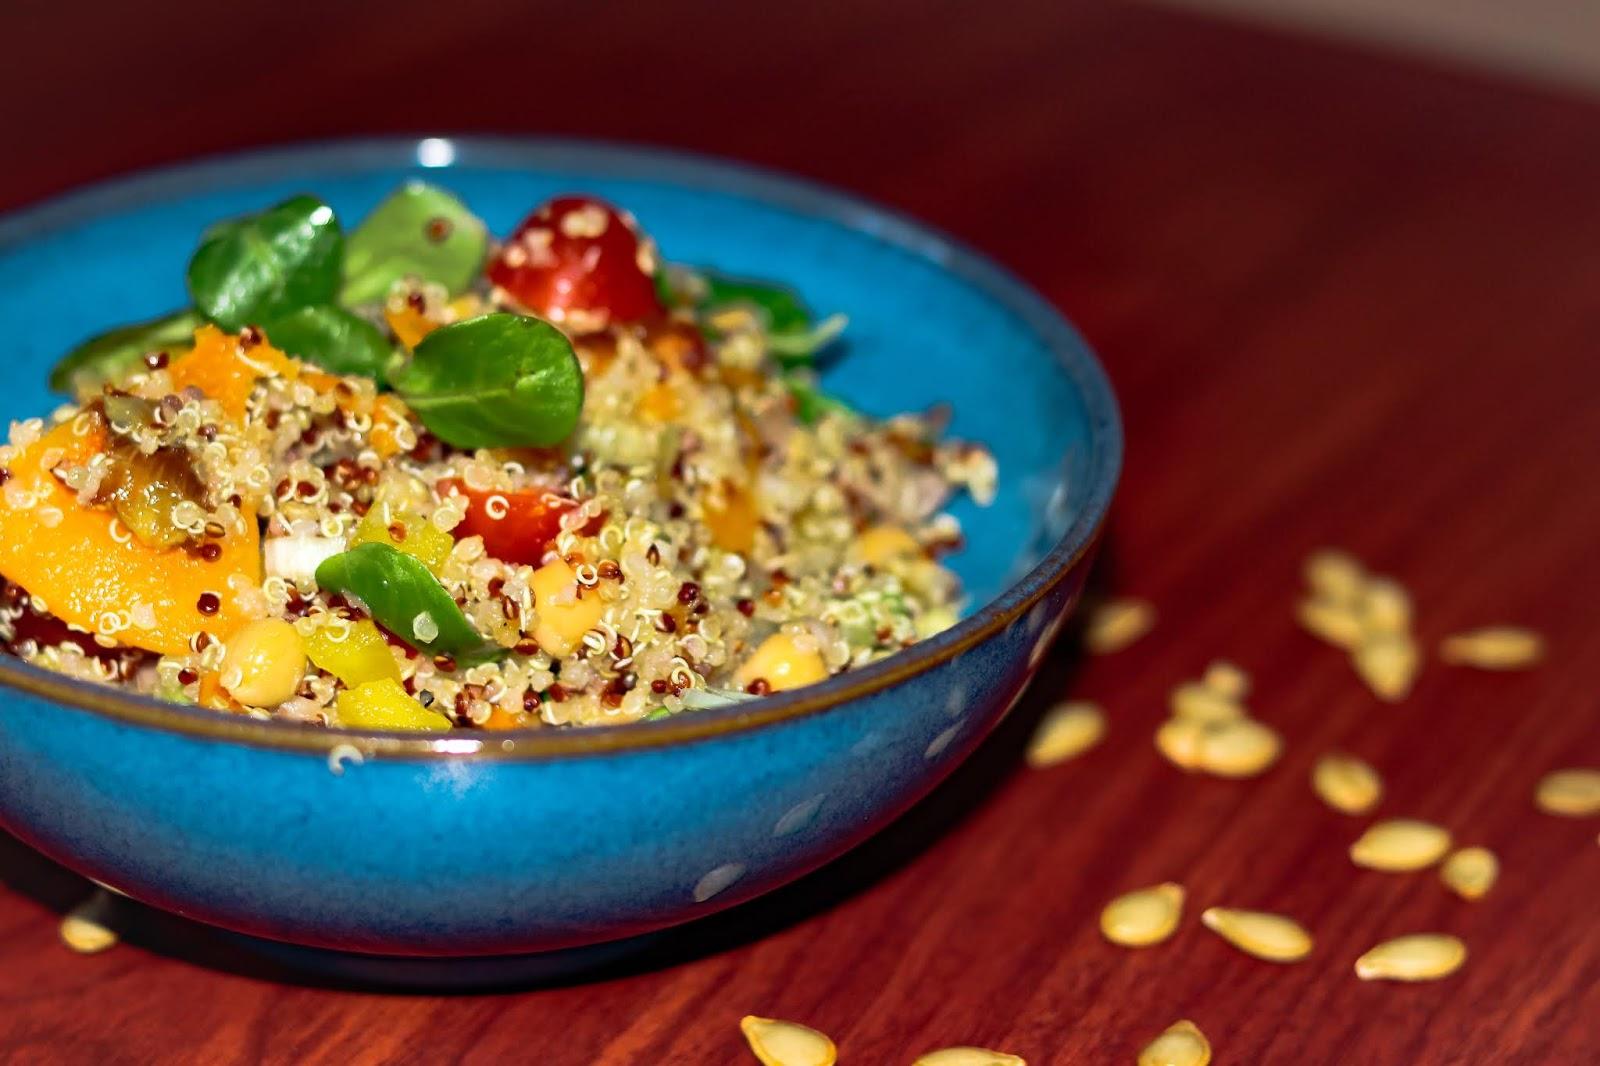 Salade de qiunoa au butternut / butternut quinoa salad